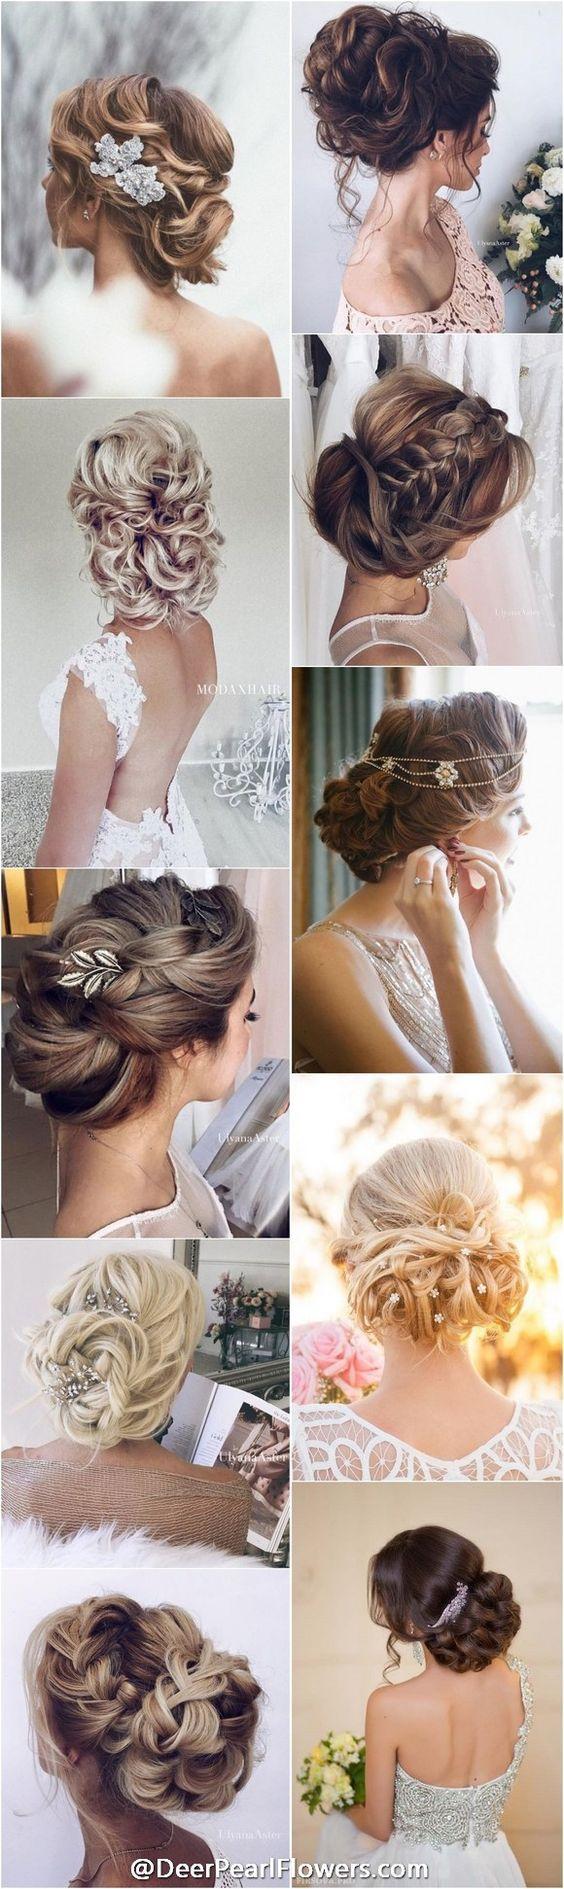 Ideas para Bodas. #expobec #expobec2017 #expobeccoruña #ideasparabodas #boda #bodas #wedding #bridal #ideasparanovias #feriasdebodasexpobec #expobecbodasycomuniones  #guiaparanovios #bridal @expobec_feriadebodas